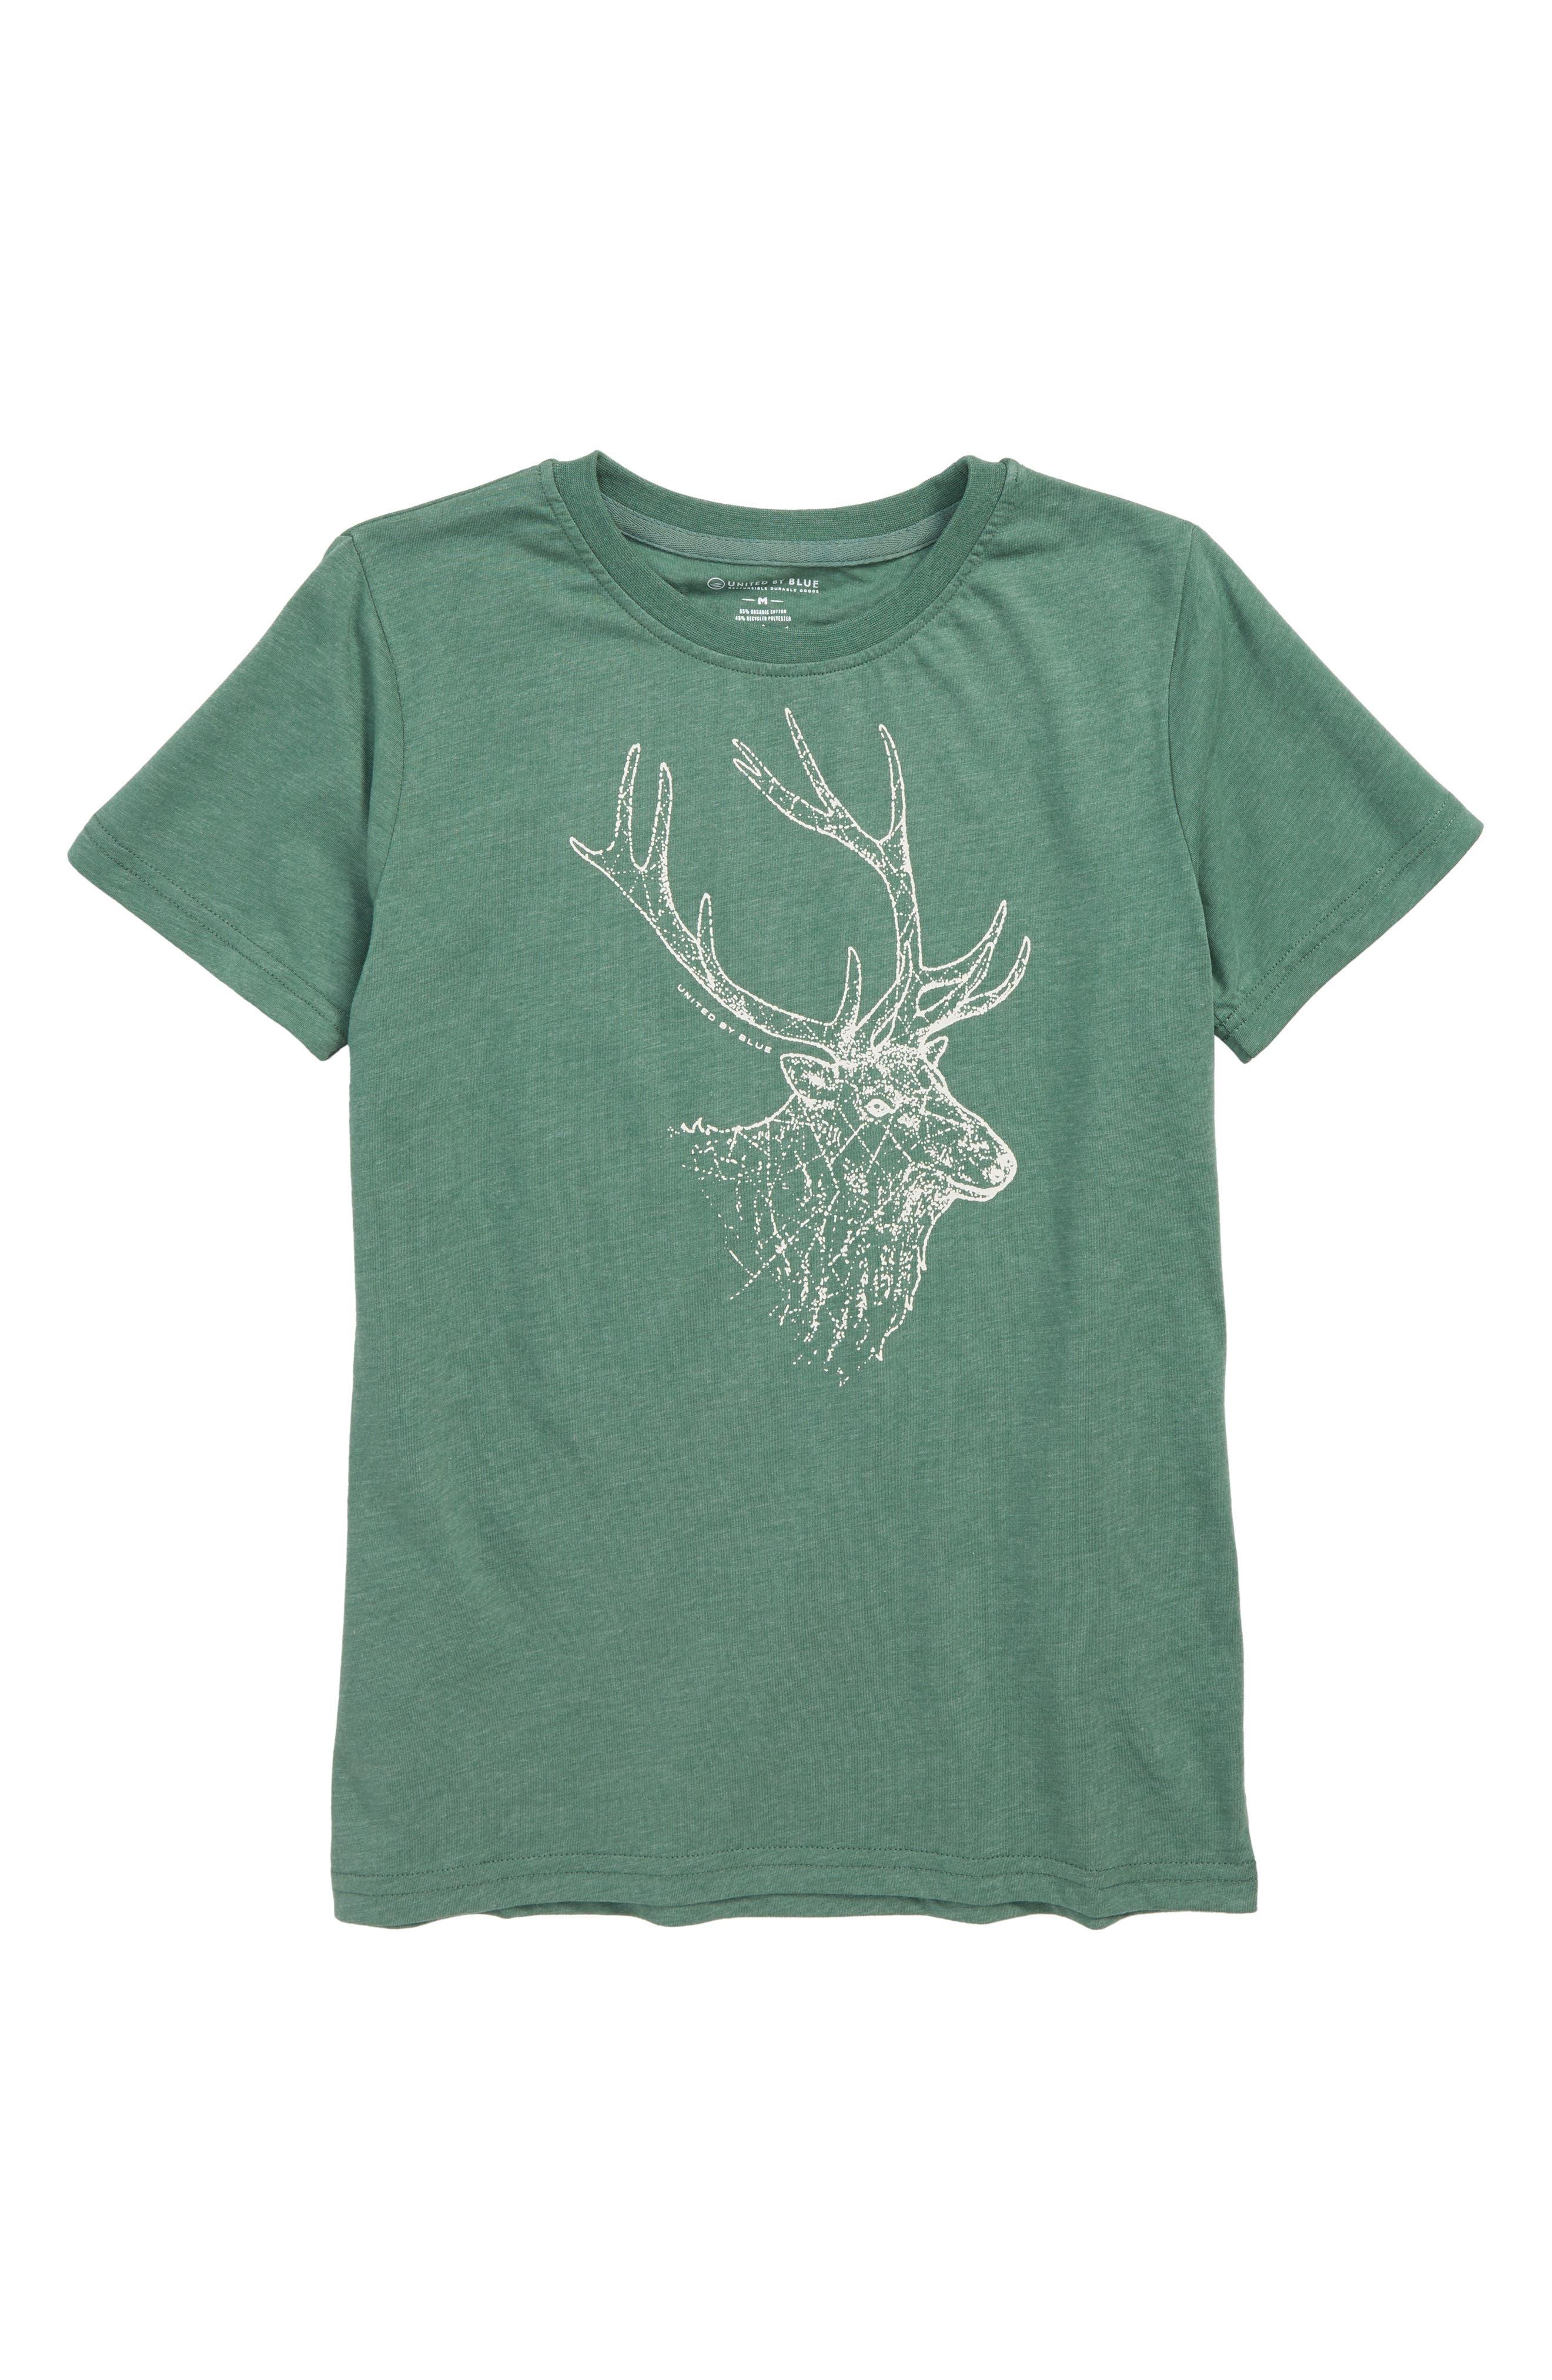 Stag T-Shirt,                             Main thumbnail 1, color,                             DARK GREEN